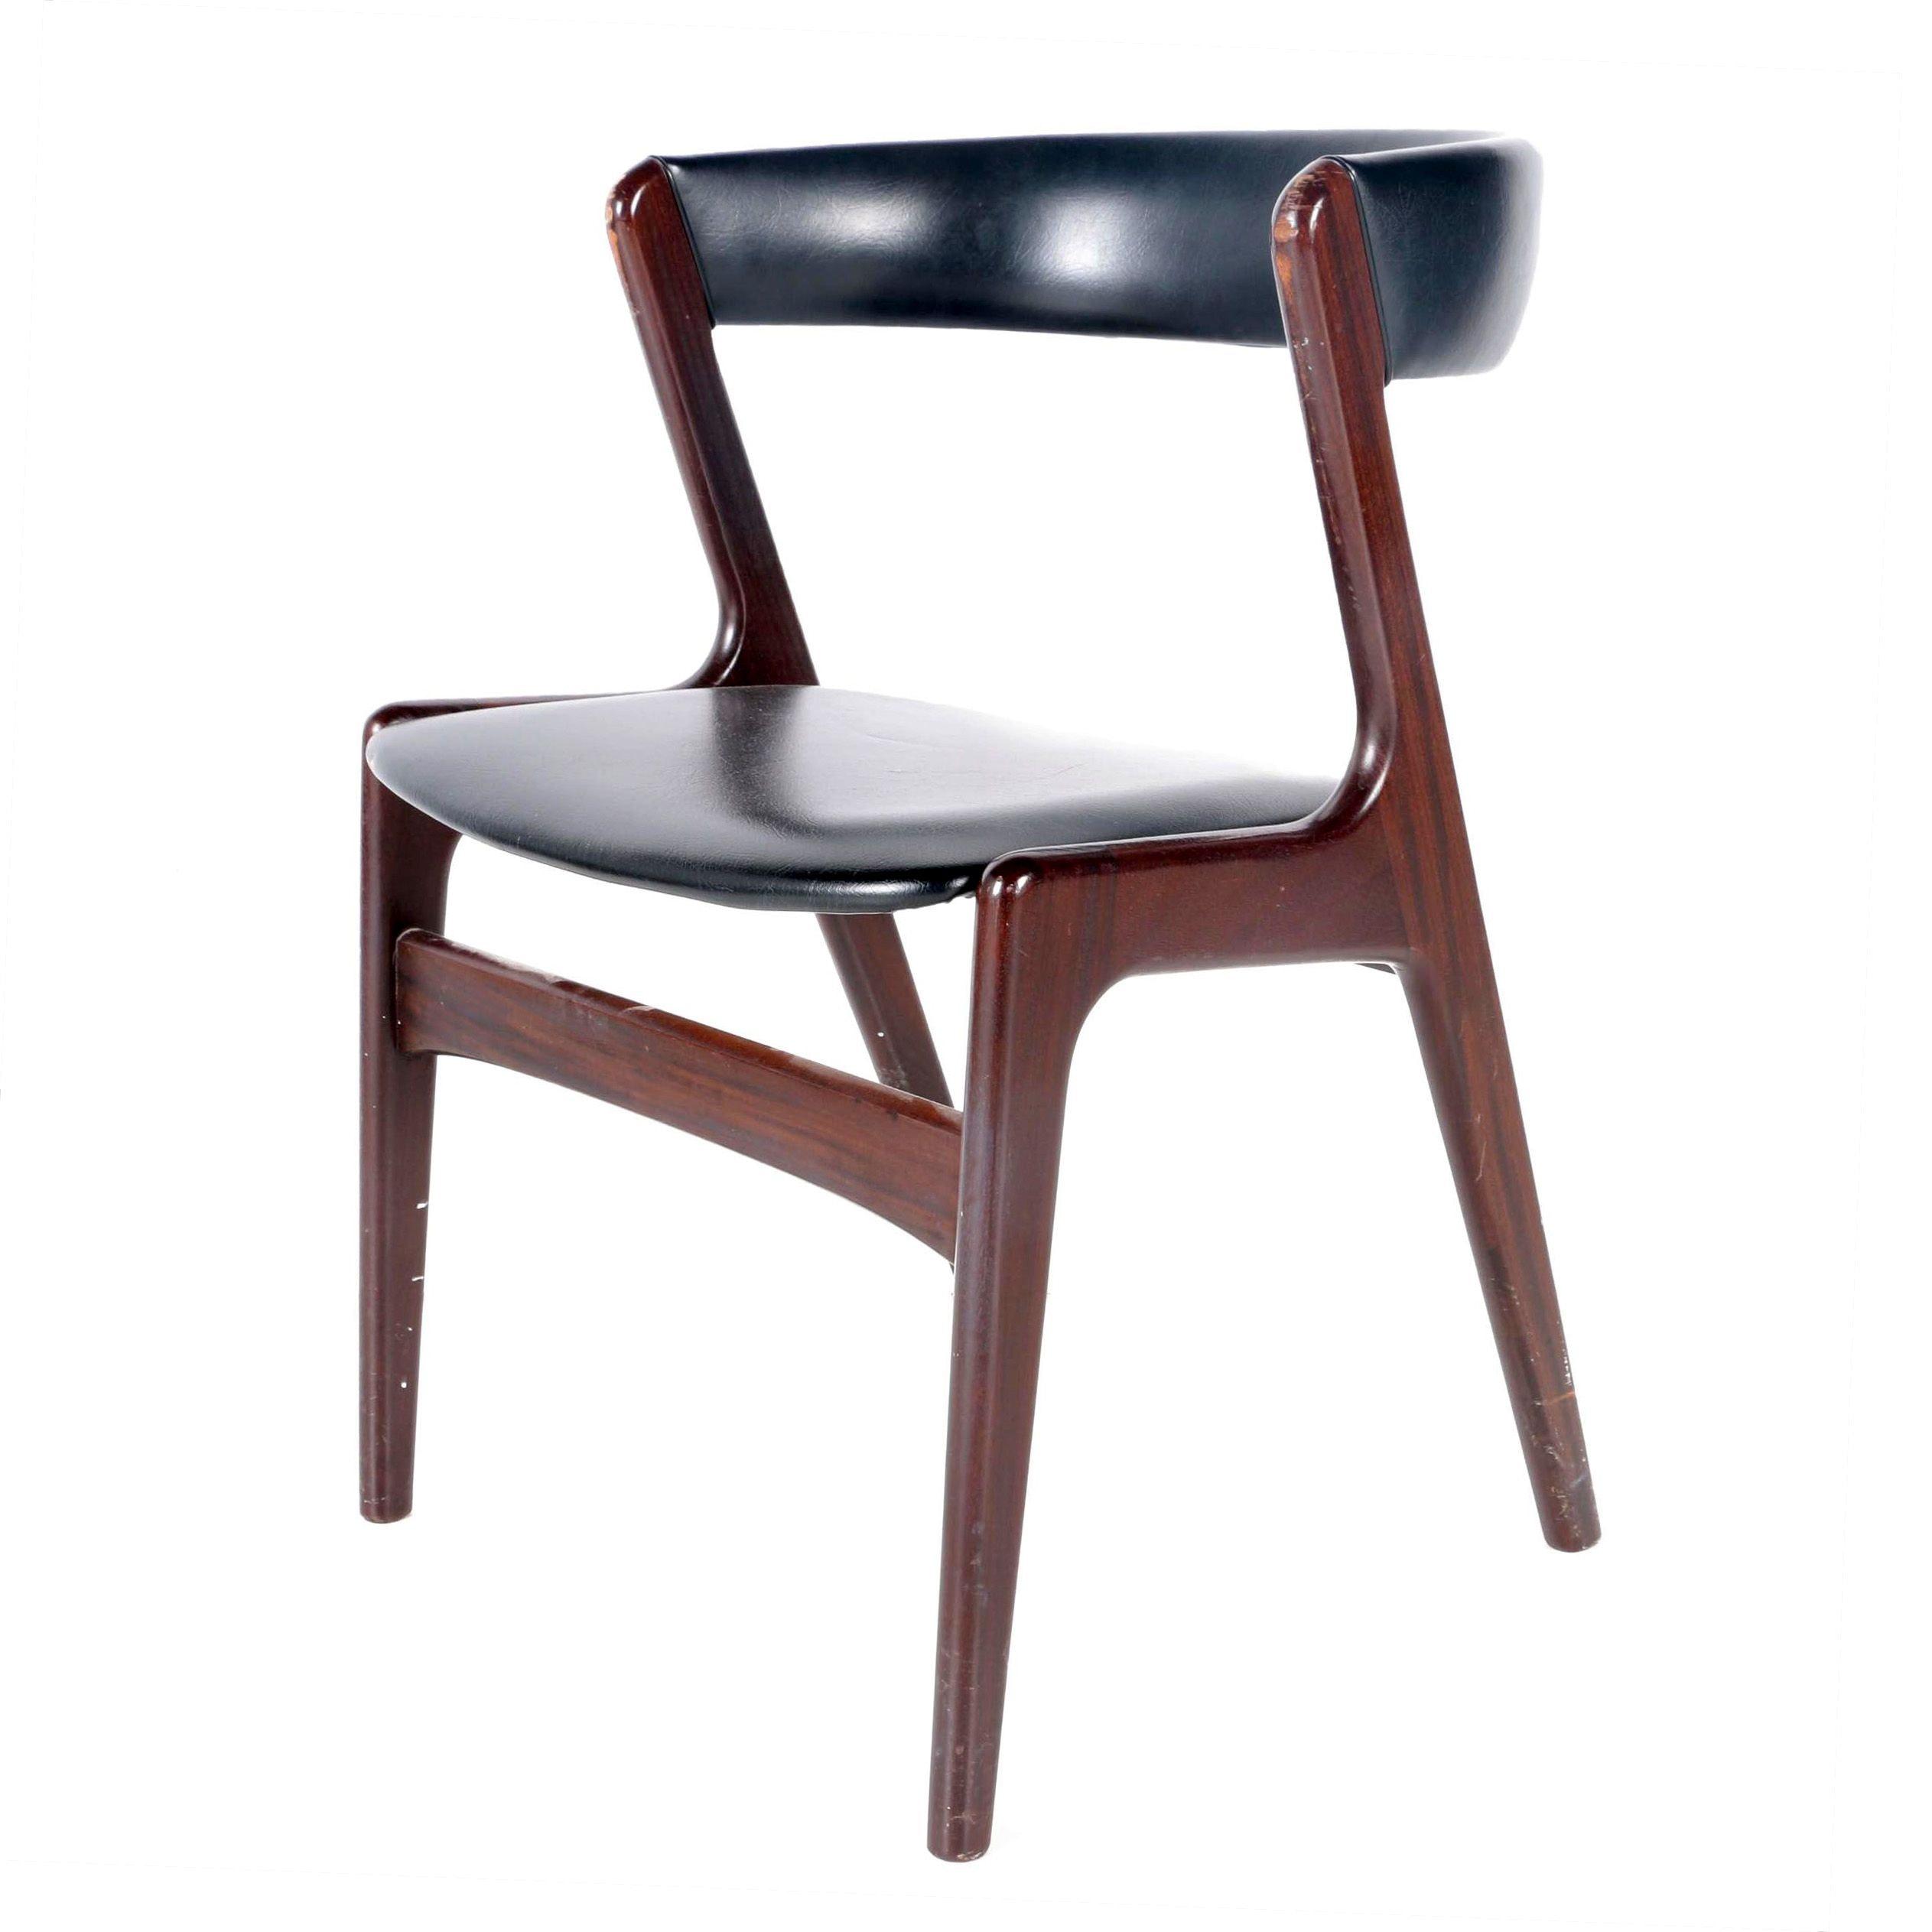 Vintage Danish Modern Accent Chair by Kai Kristiansen